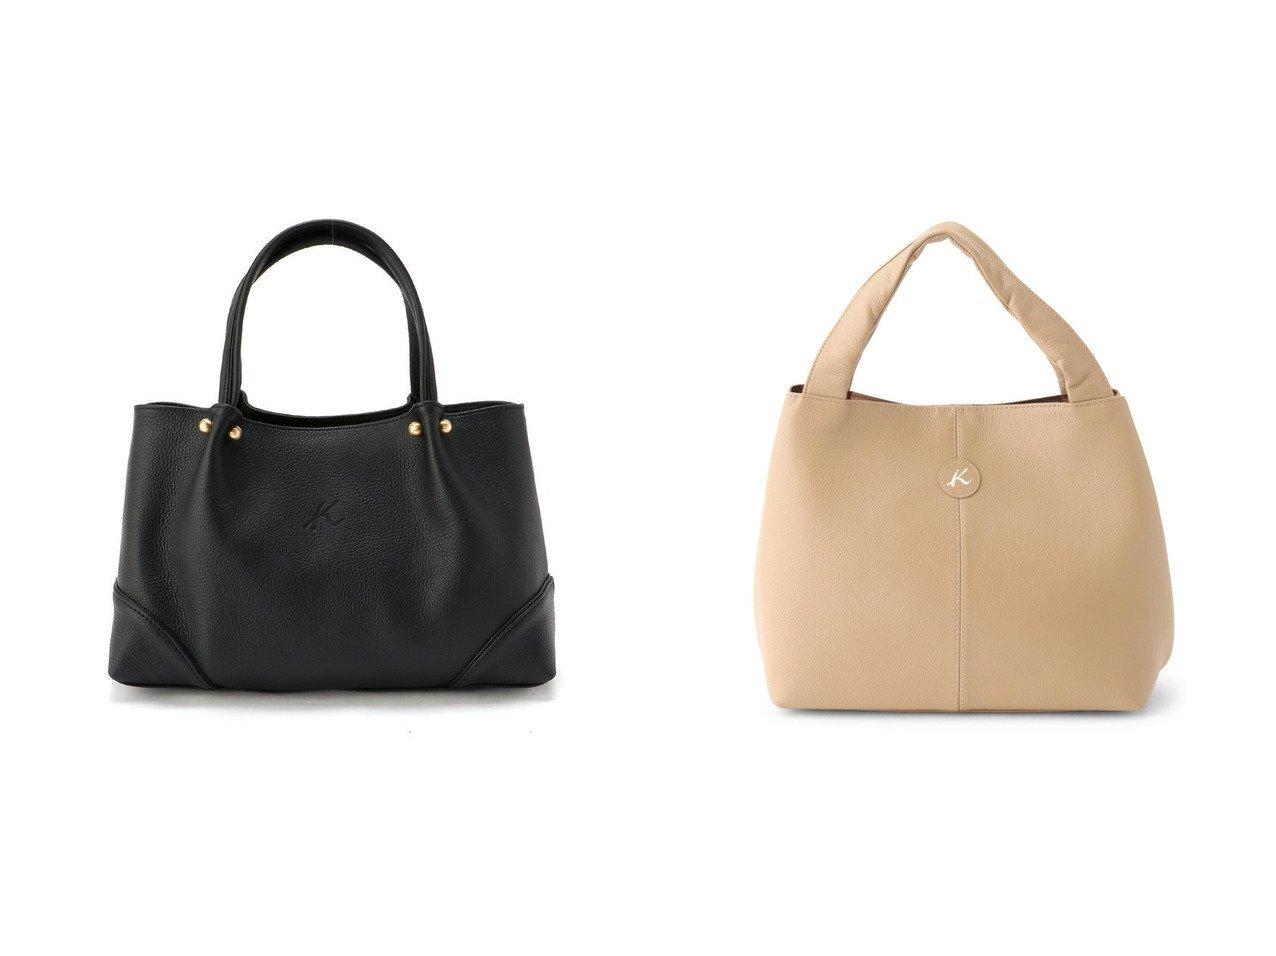 【KitamuraK2/キタムラケイツウ】のキタムラ牛革ハンドバッグ N2-172&【Kitamura/キタムラ】のセミショルダーバッグ Y-0532 バッグ・鞄のおすすめ!人気、トレンド・レディースファッションの通販  おすすめで人気の流行・トレンド、ファッションの通販商品 メンズファッション・キッズファッション・インテリア・家具・レディースファッション・服の通販 founy(ファニー) https://founy.com/ ファッション Fashion レディースファッション WOMEN バッグ Bag クラシカル ポケット シンプル ハンドバッグ |ID:crp329100000009104